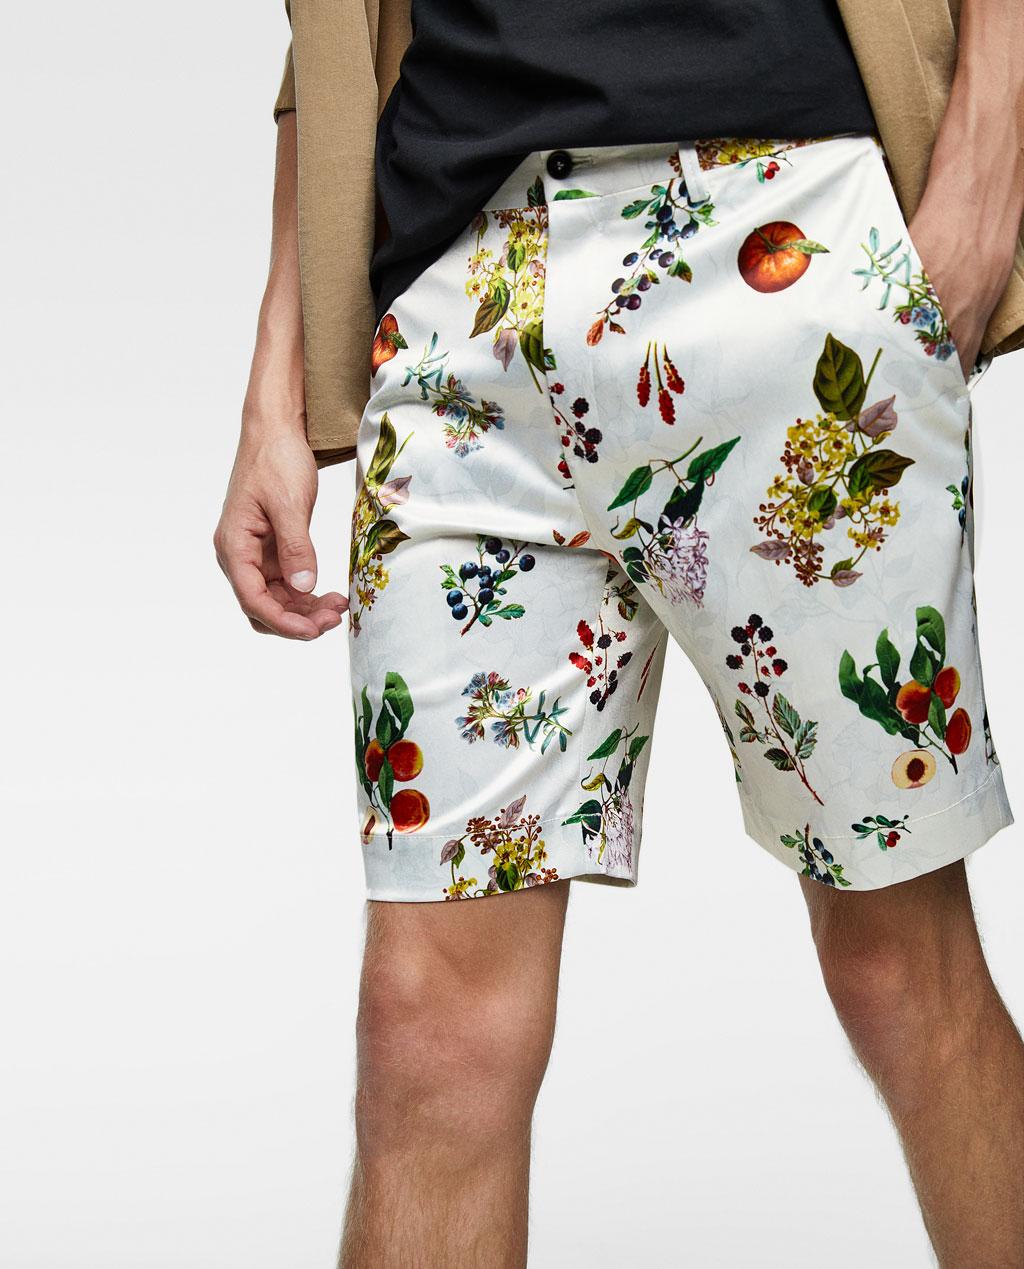 Thời trang nam Zara  24111 - ảnh 4